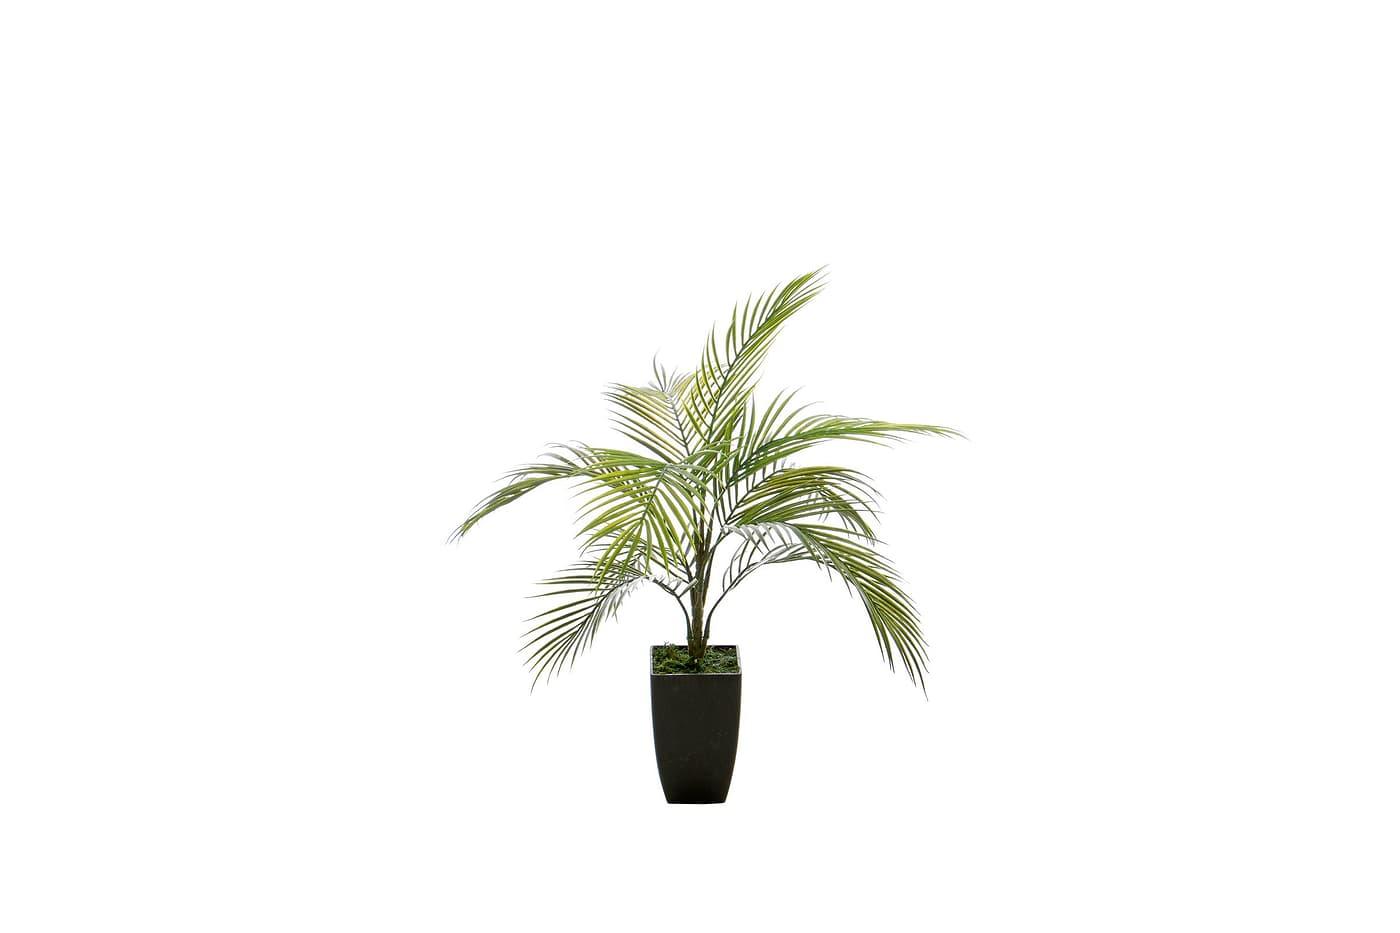 entretien areca cool plantes vertes duintrieur faciles accrocheur plantes vertes d with. Black Bedroom Furniture Sets. Home Design Ideas